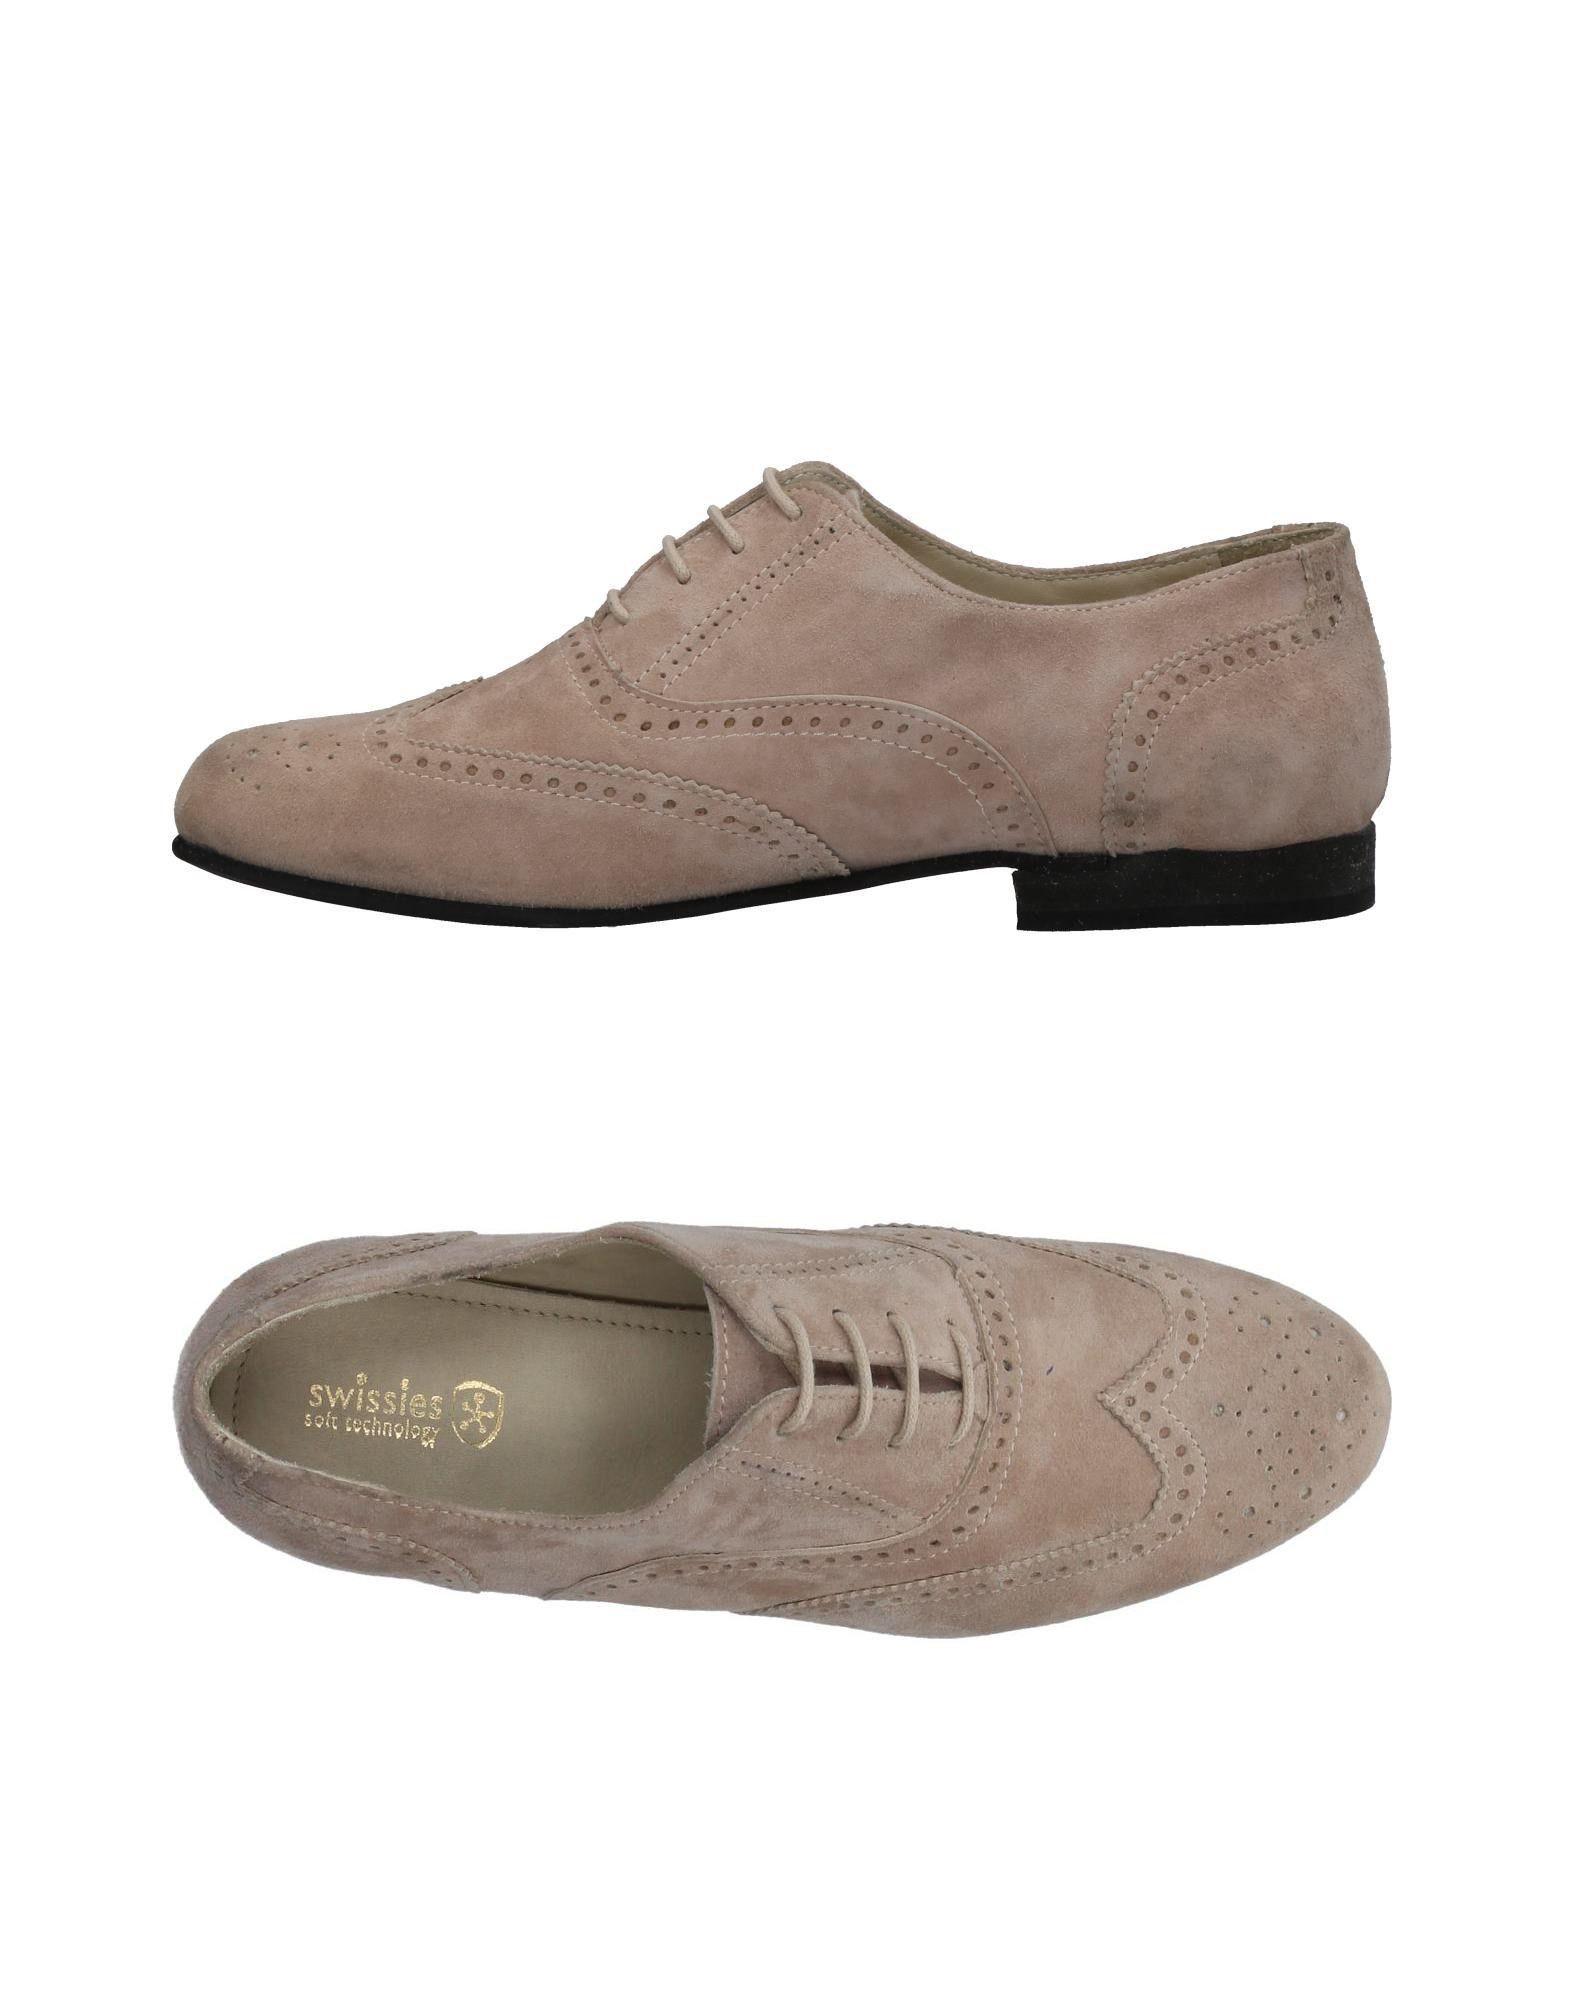 Chaussures À Lacets Swissies Femme - Chaussures À Lacets Swissies sur